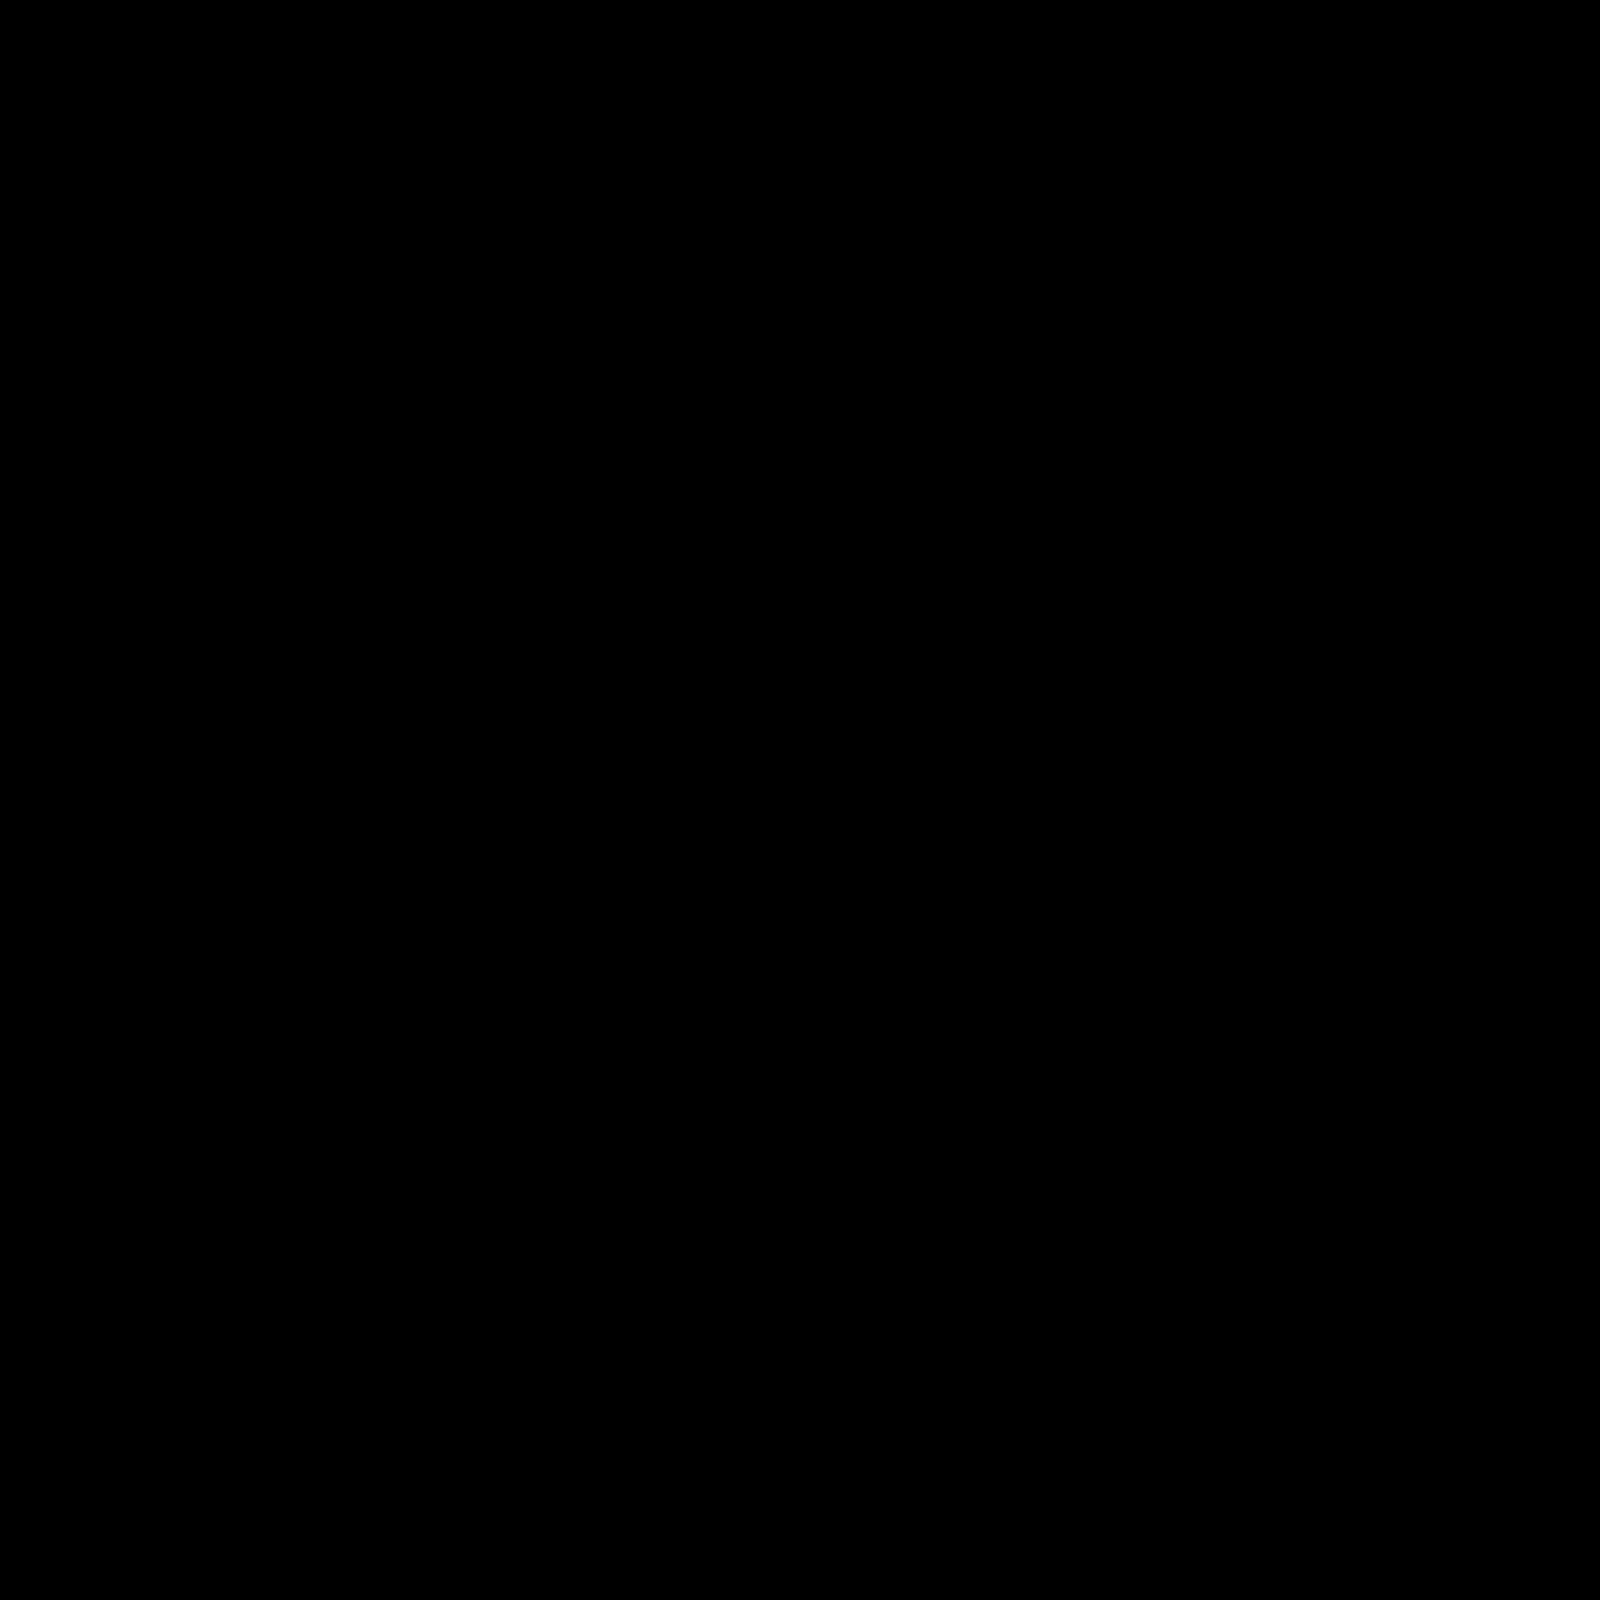 Zip Code icon